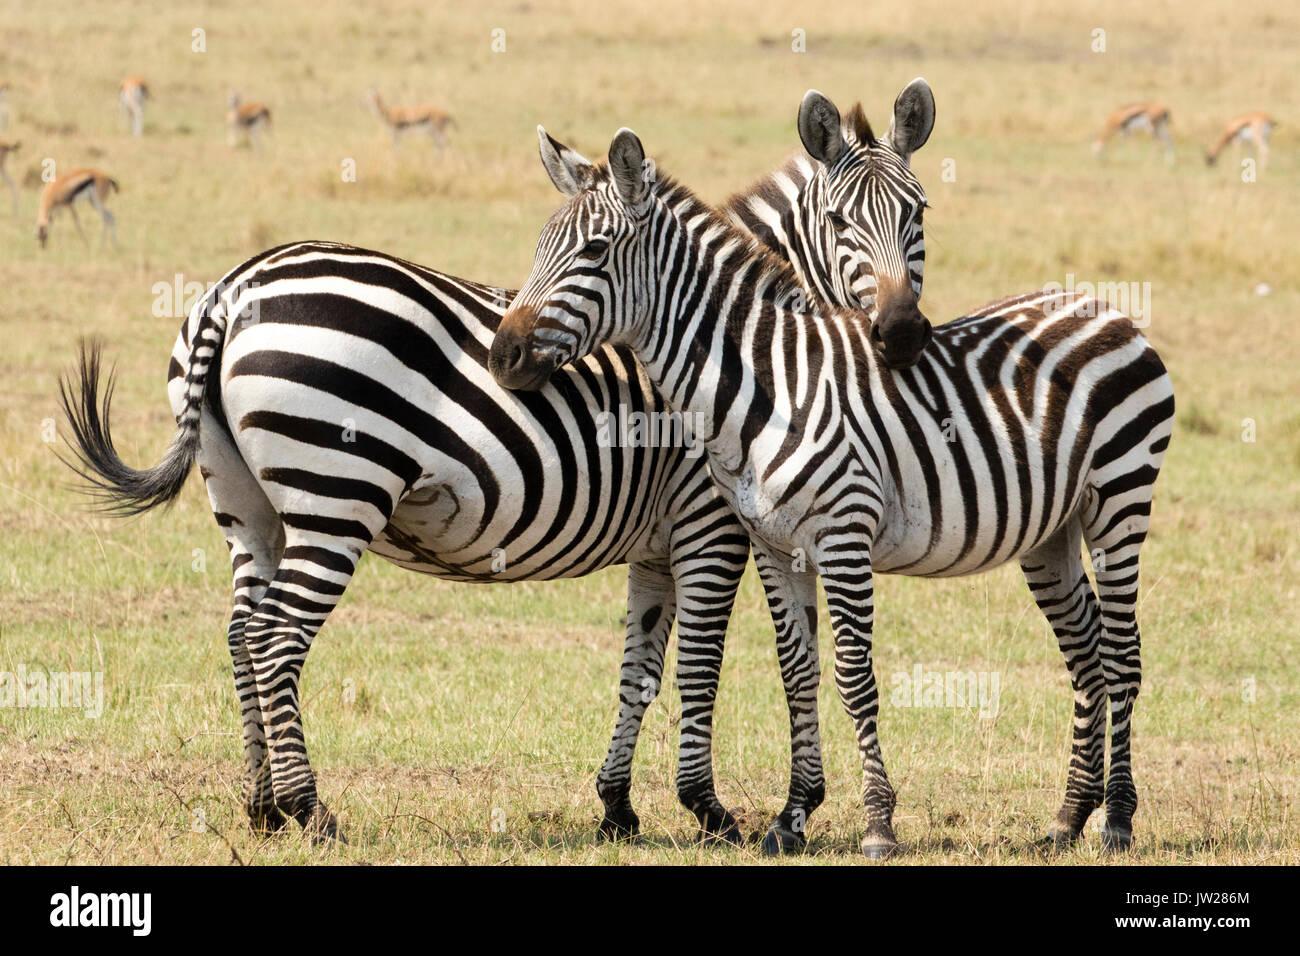 Momento dulce entre llanura cebra (Equus quagga), la madre y el niño, apoyándose mutuamente Imagen De Stock